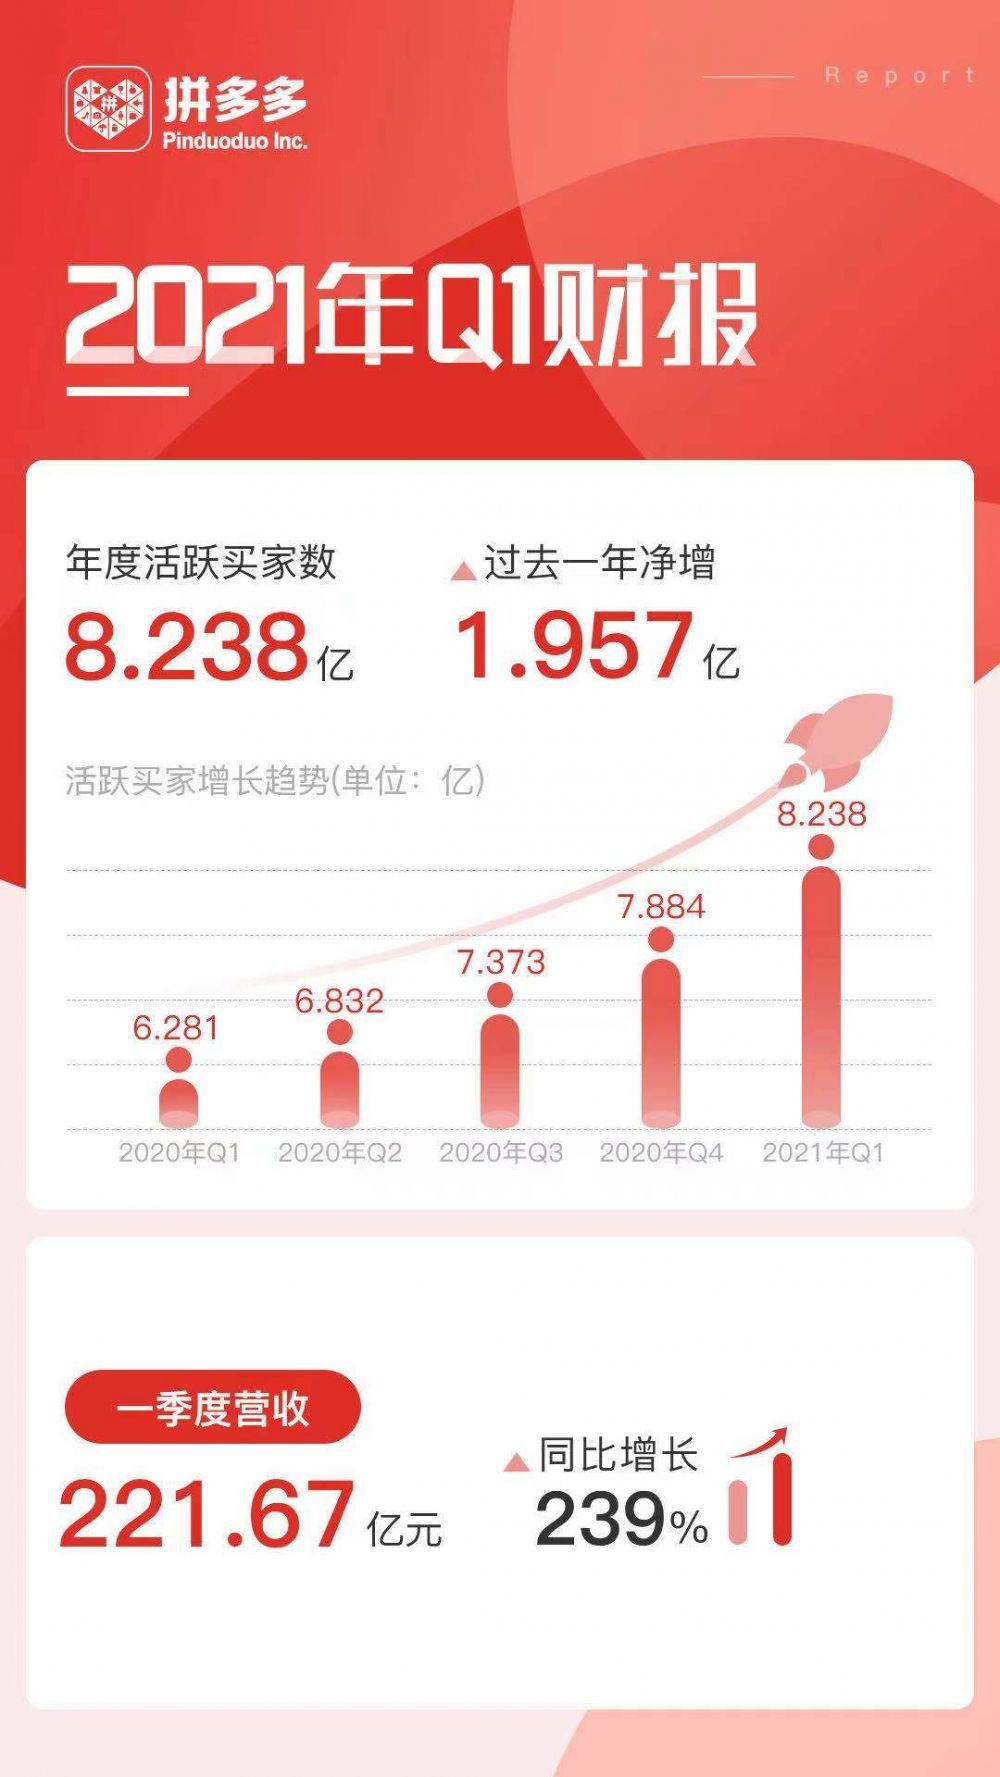 拼多多發佈2021年Q1財報:開啟8億用戶時代 營收同比增長239%